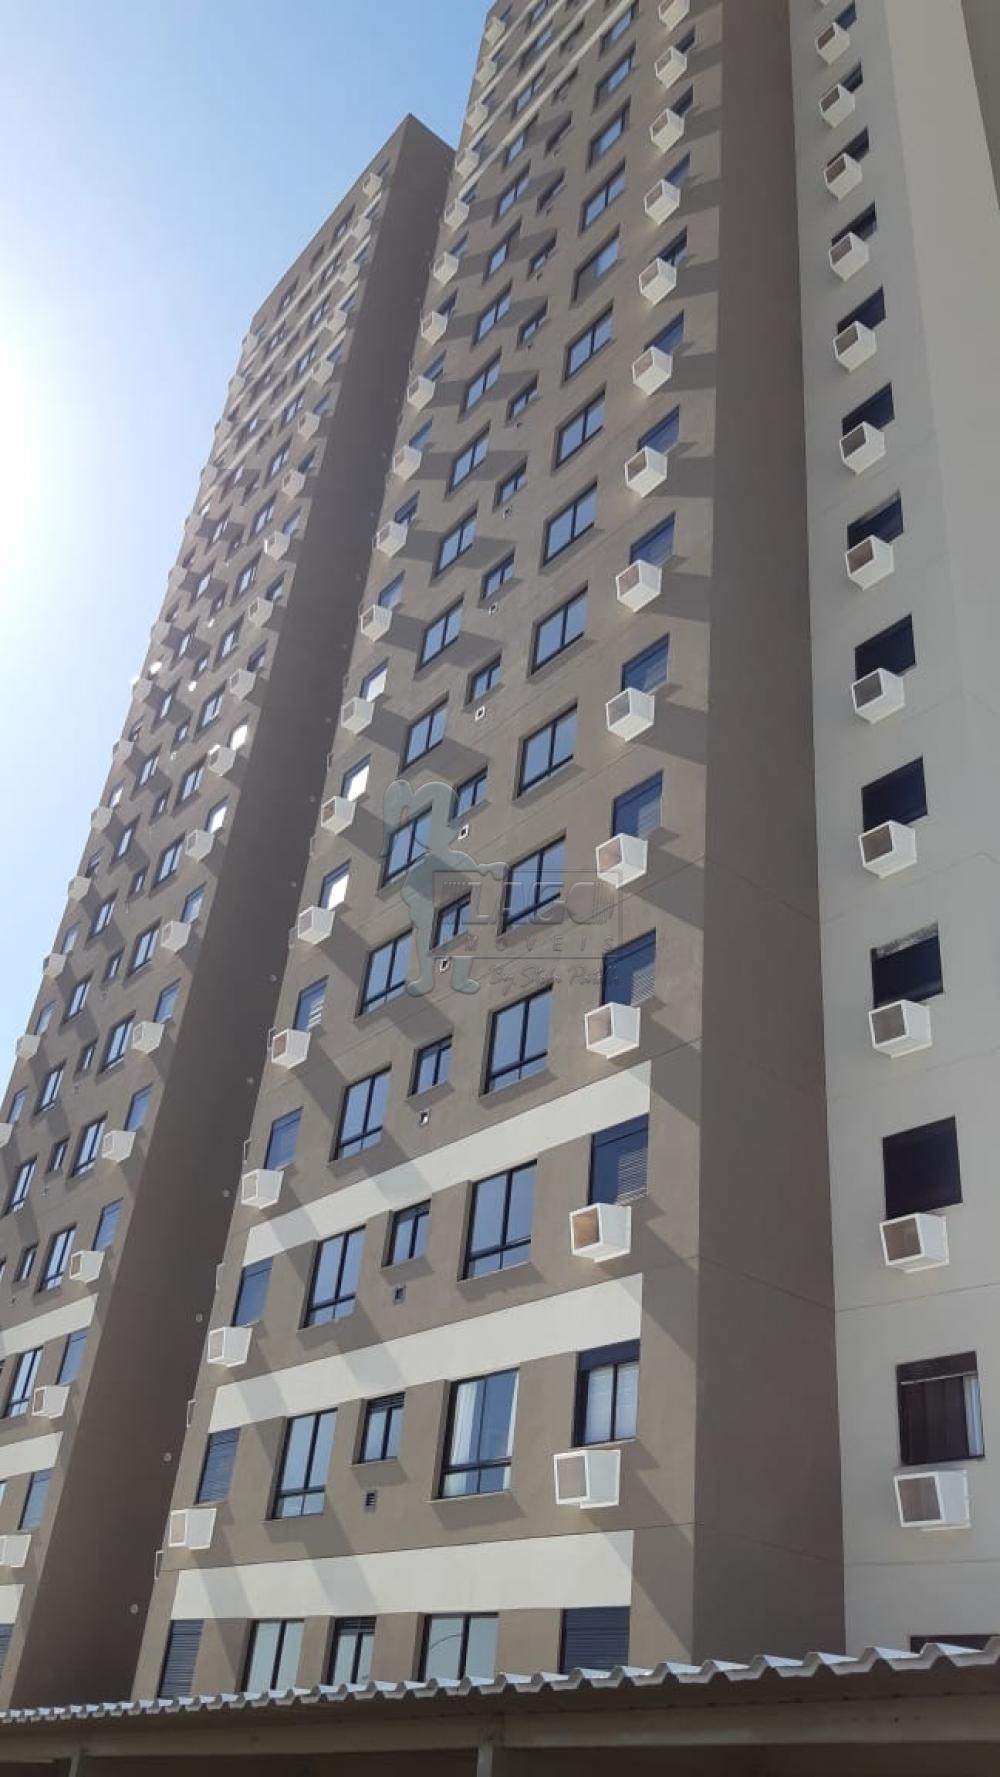 Comprar Apartamento / Padrão em Ribeirão Preto apenas R$ 189.900,00 - Foto 4